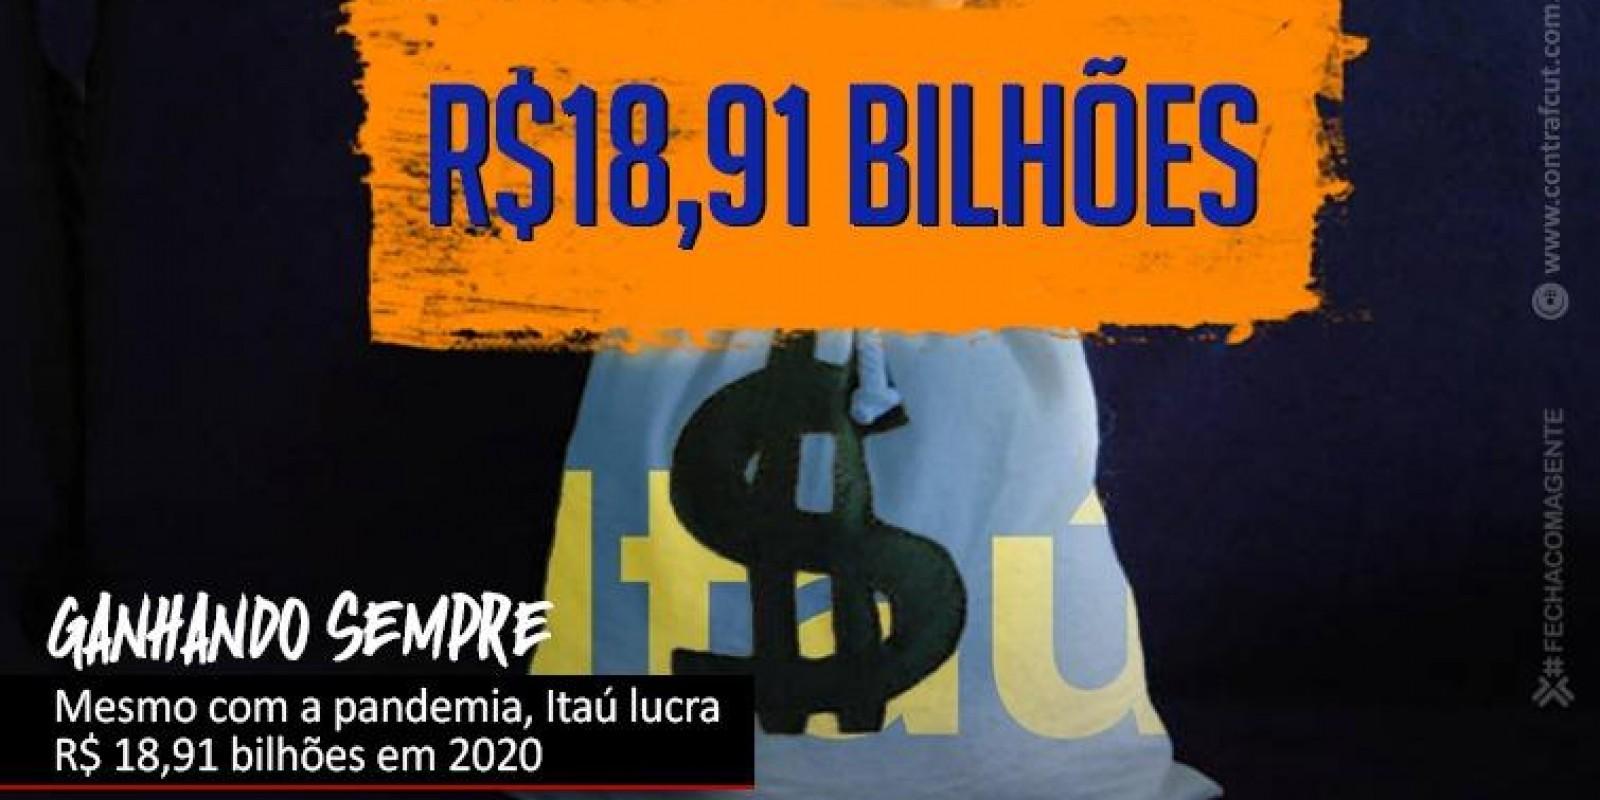 Mesmo em meio a pandemia, Itaú lucra R$ 18,91 bilhões em 2020